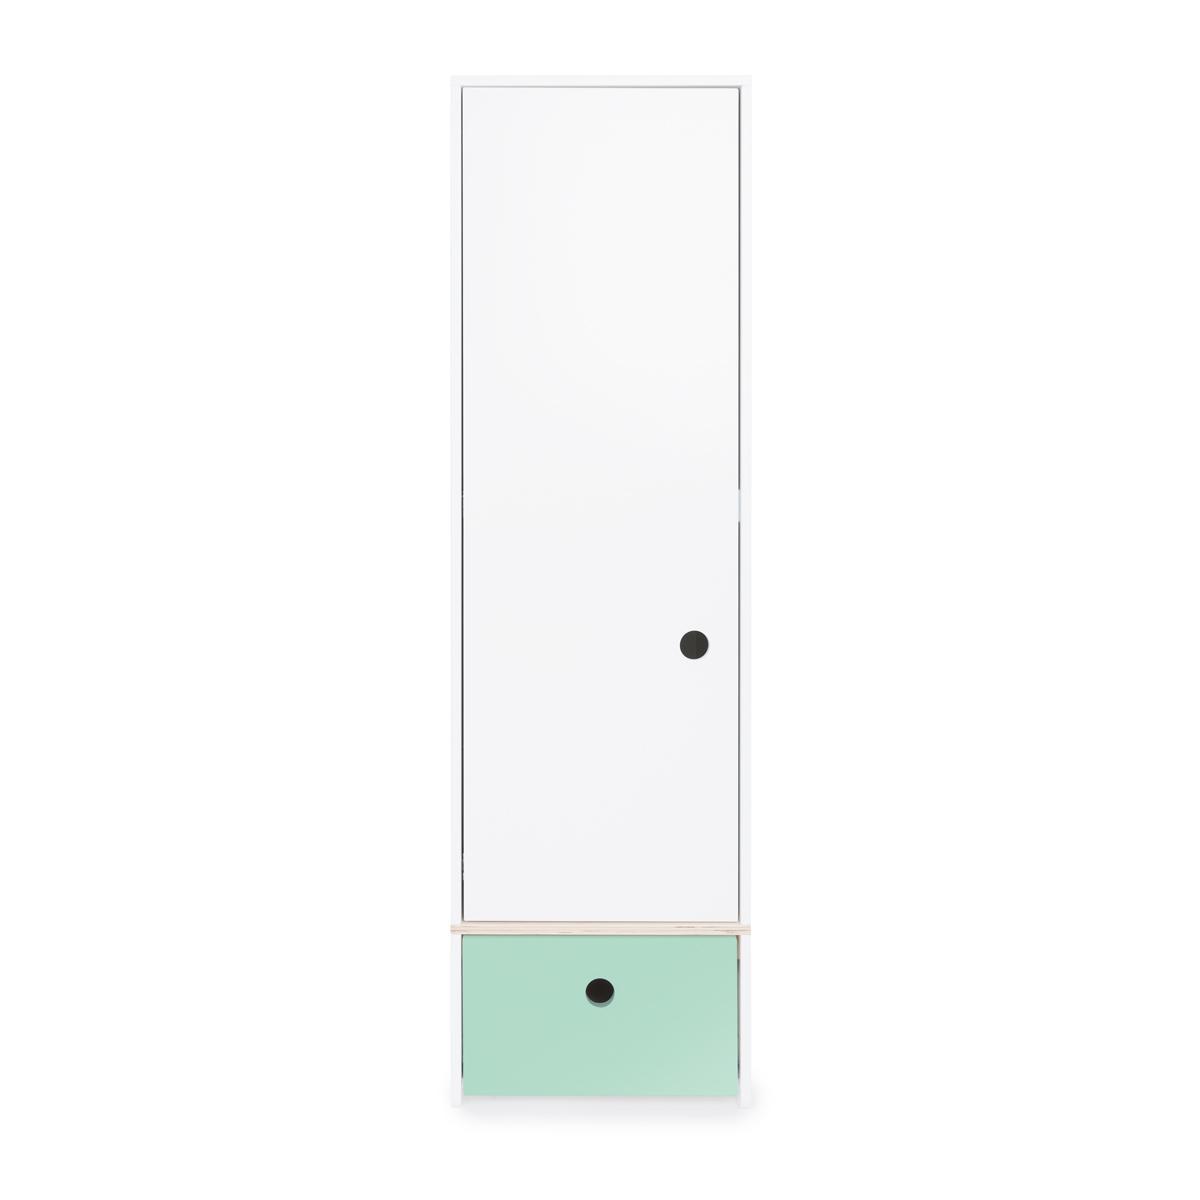 Armoire 1 porte façade tiroir vert menthe